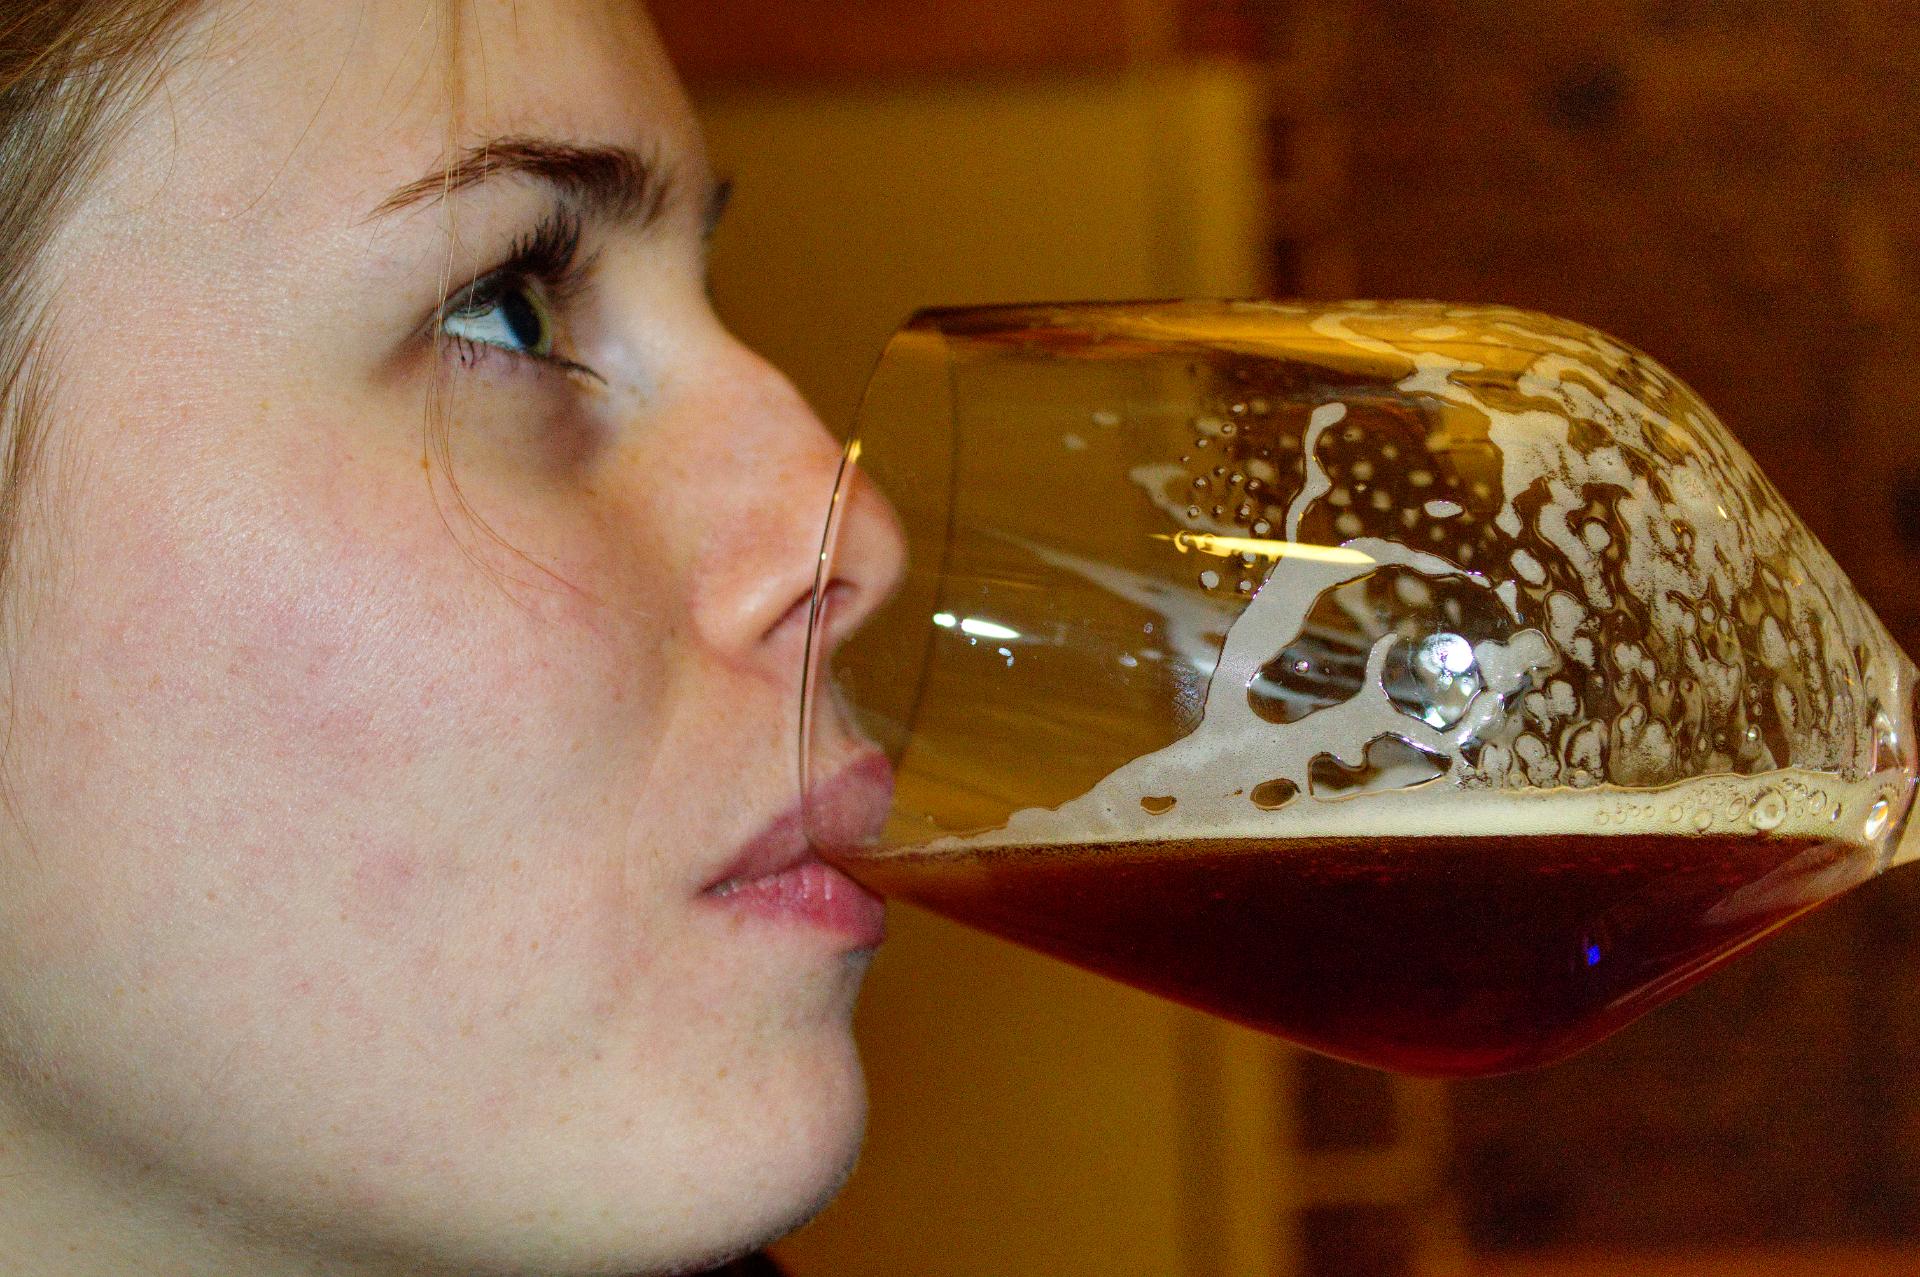 oberaudorfer privatbrauerei bayerisch herzlich gemütlich einmalig tragen bier oberaudorf berge tracht